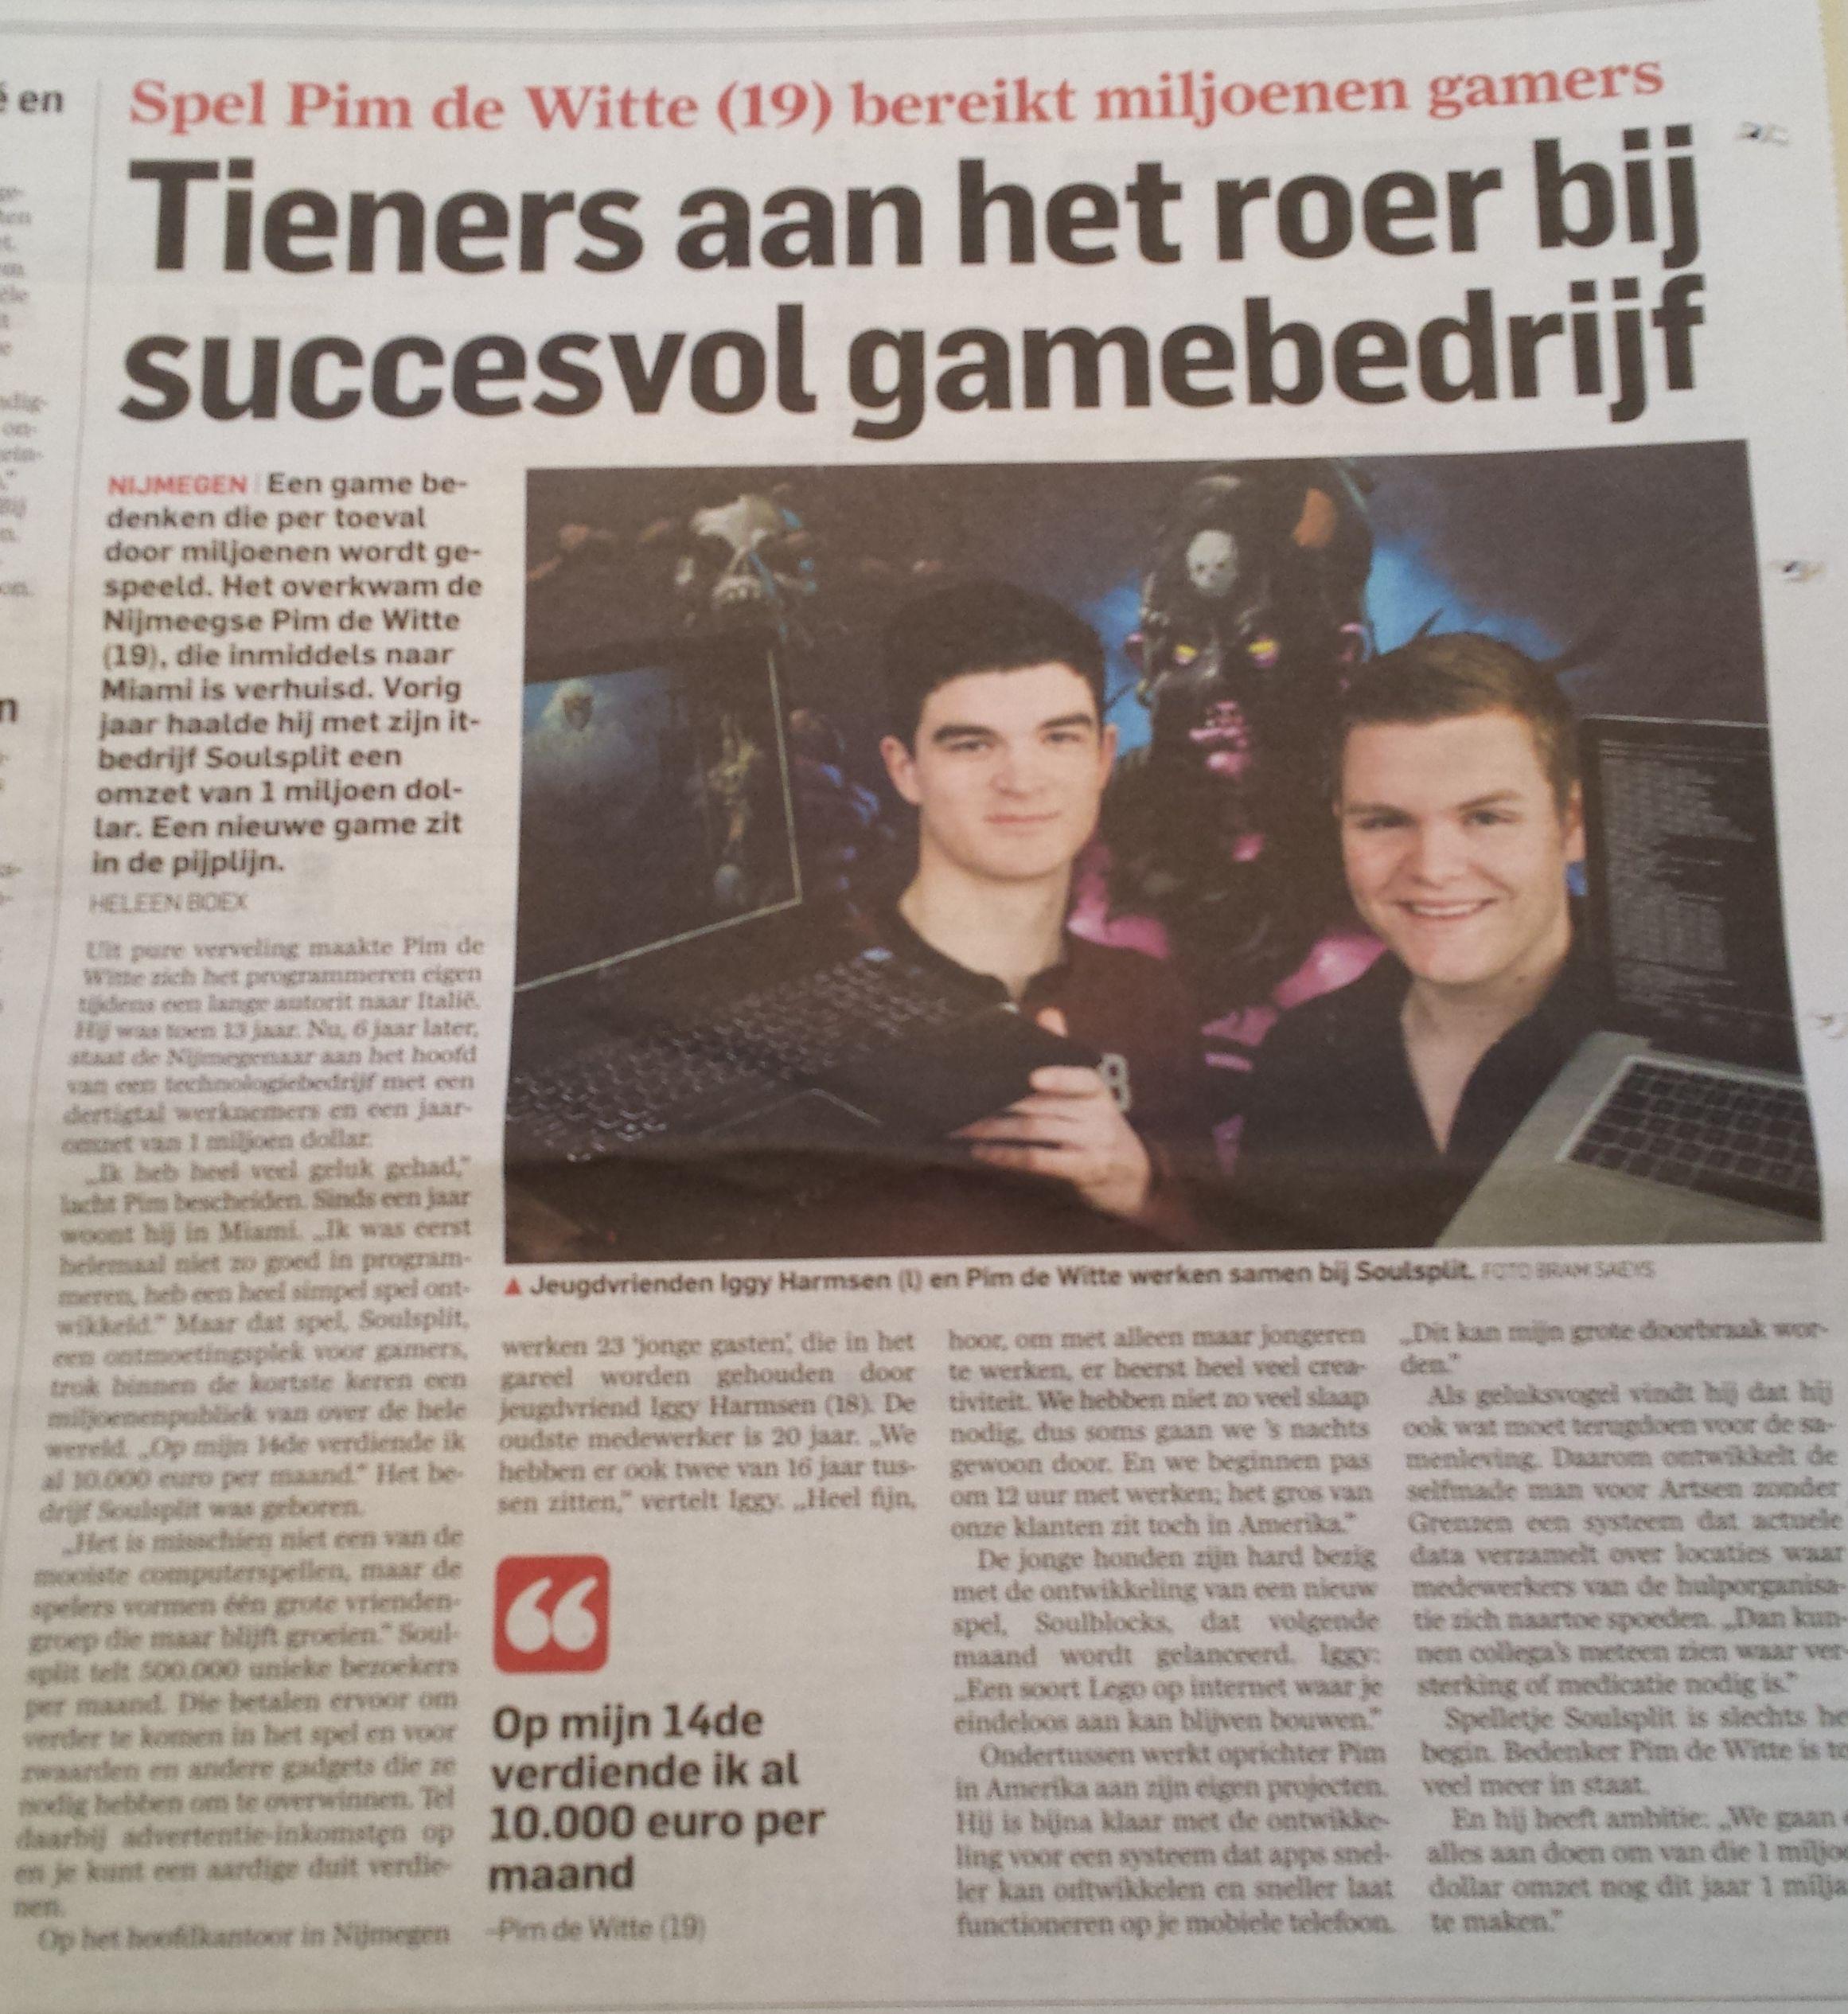 Nederlandse tieners aan het roer bij succesvol gamebedrijf in Miami.  Algemeen Dagblad 27 februari 2014